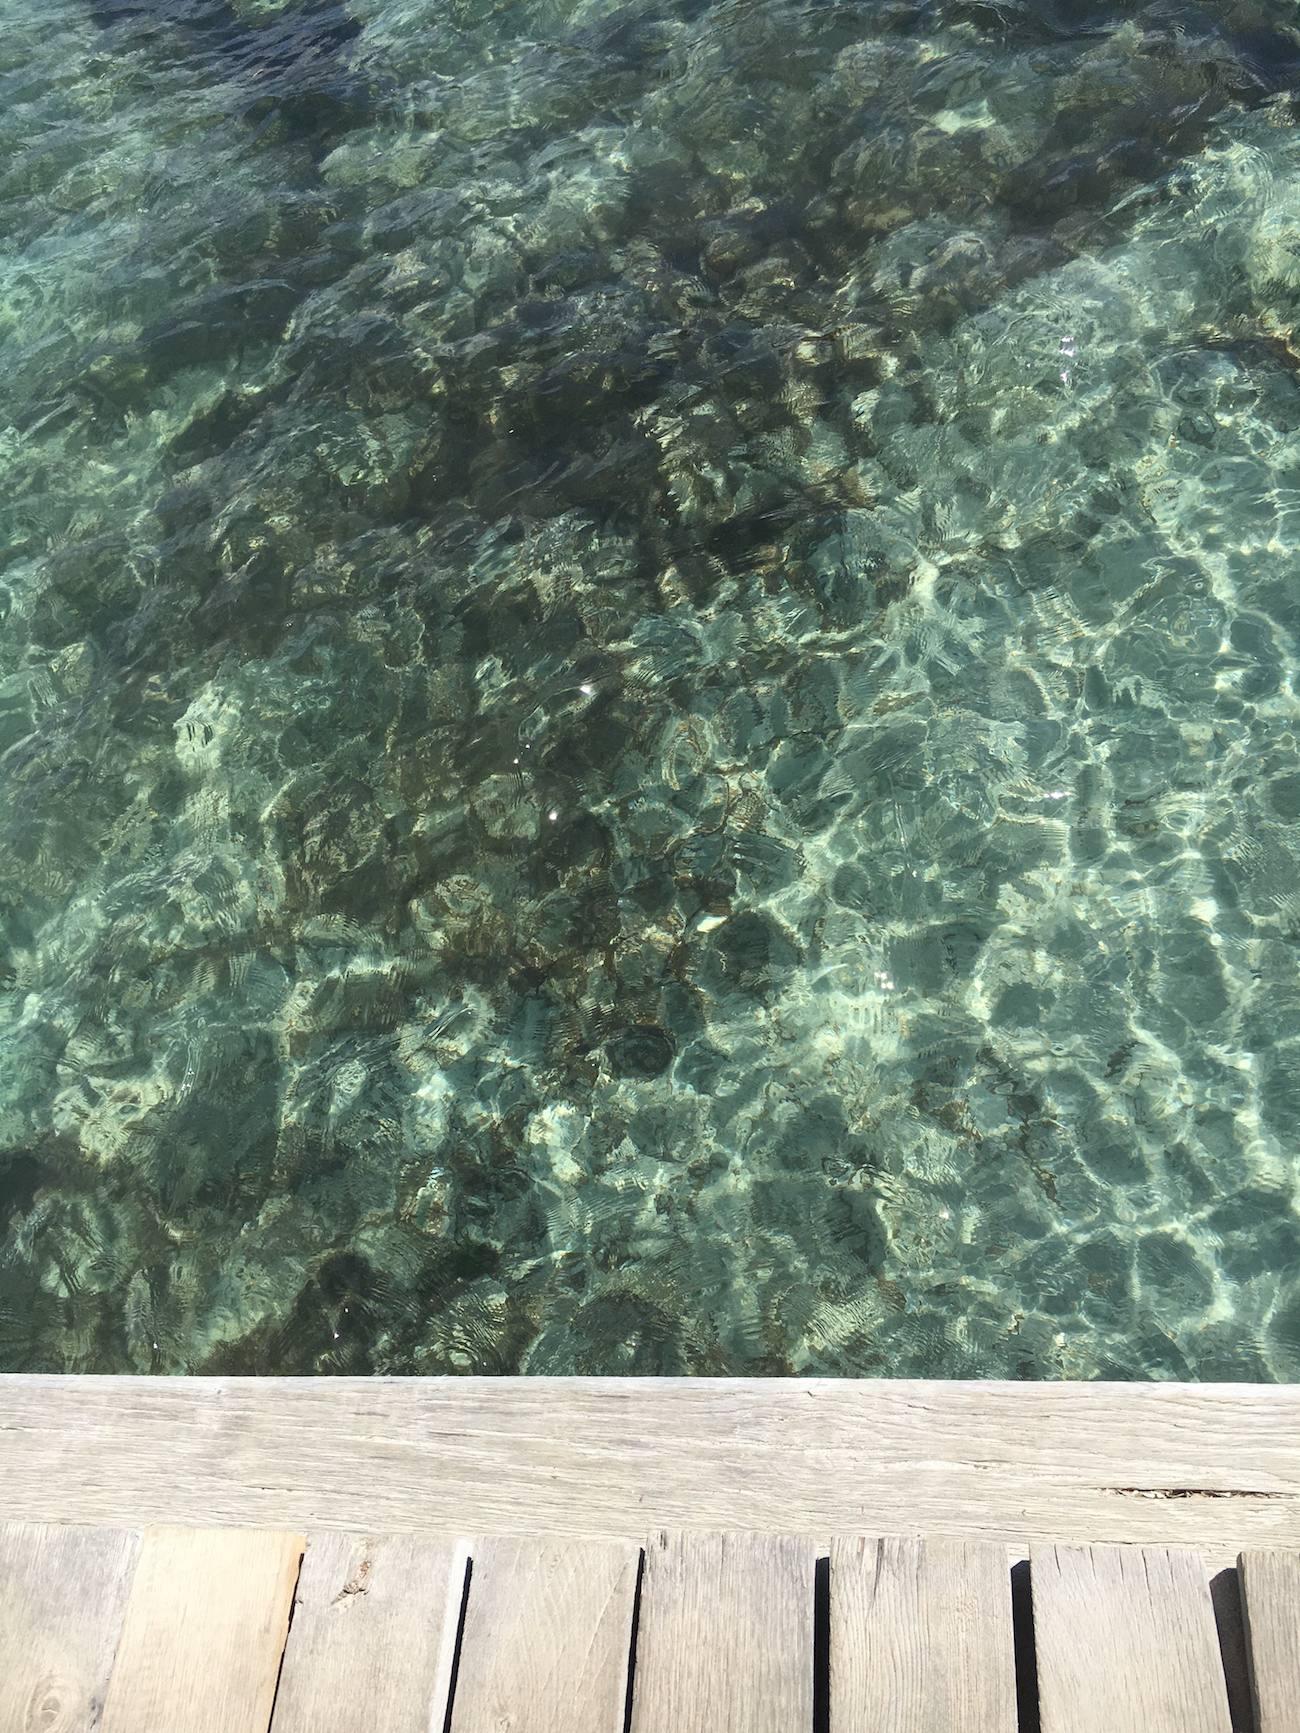 Corse - Road trip bonnes adresses - Blog Voyage nantes 27